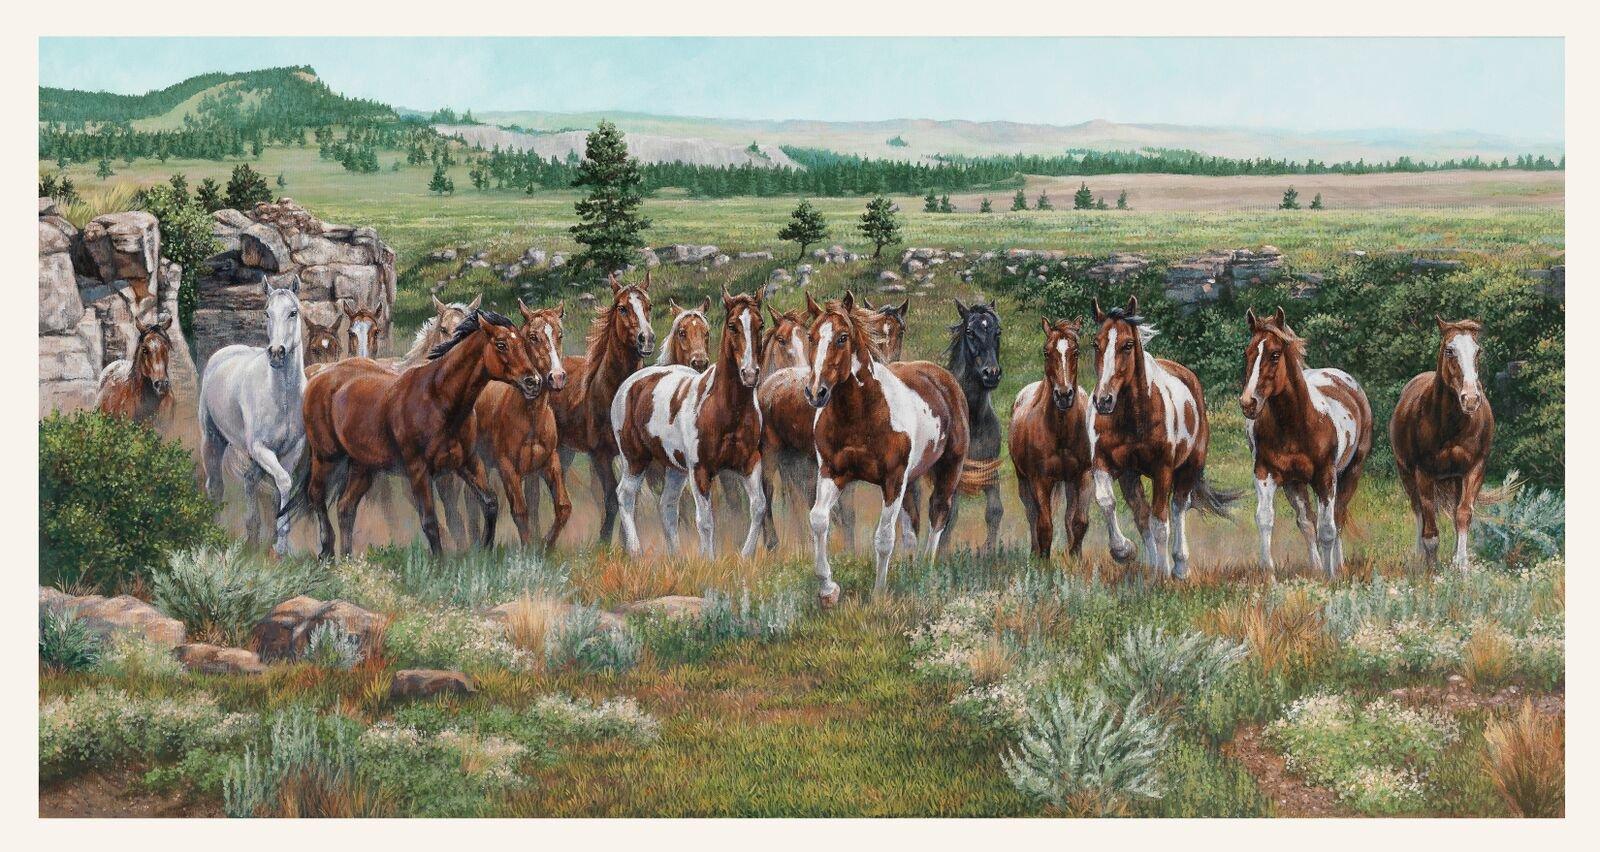 Elizabeth Studio Wild and Free 9900 Horse Panel '